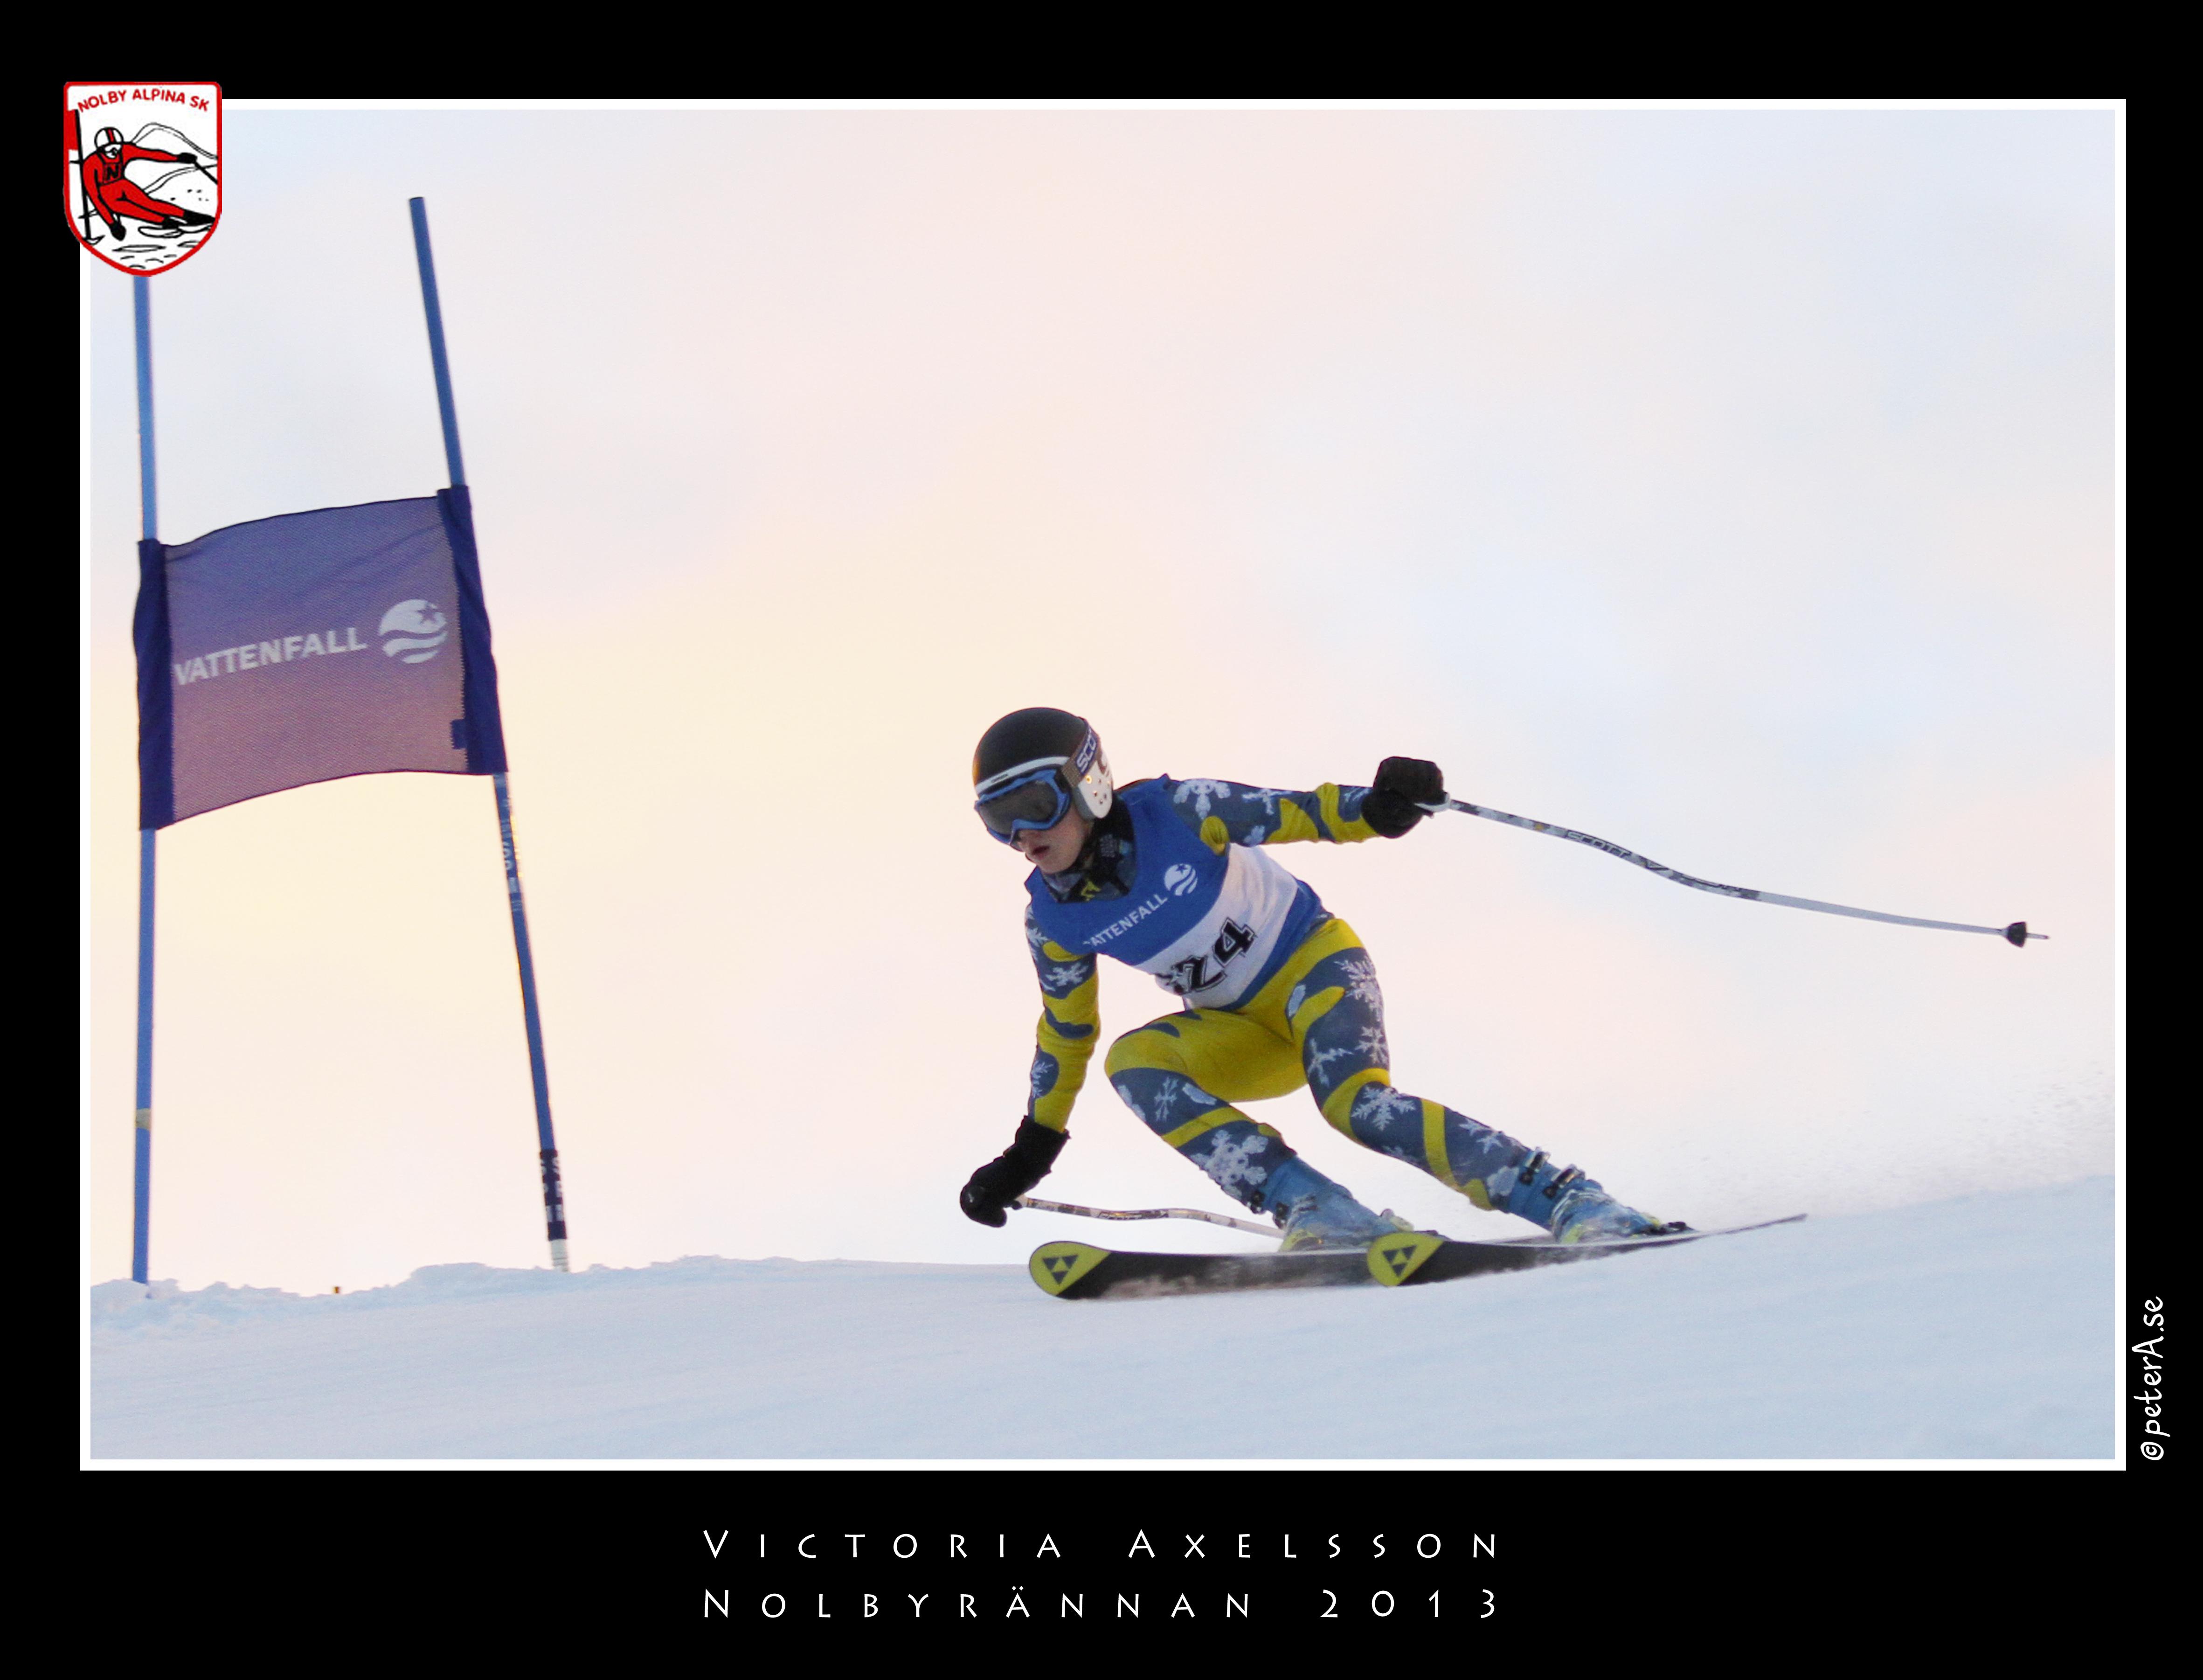 Nolbyrännan 2013 - Victoria Axelsson